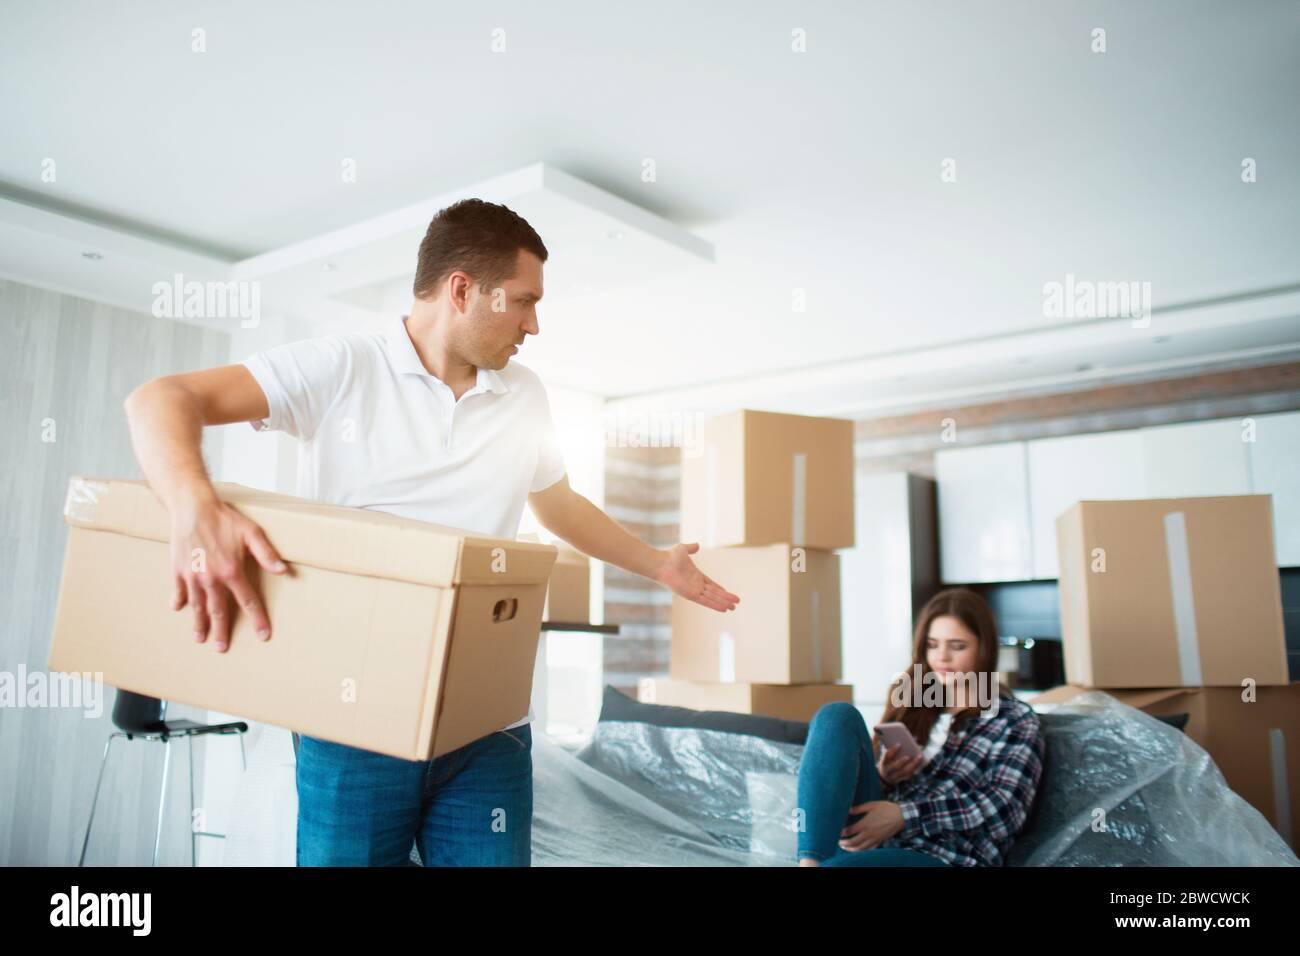 Concept de déplacement et de relation. Il n'est pas satisfait. Le mari déboîte les boîtes. Et la femme ne fait rien pendant ce temps. Elle préfère lui parler Banque D'Images